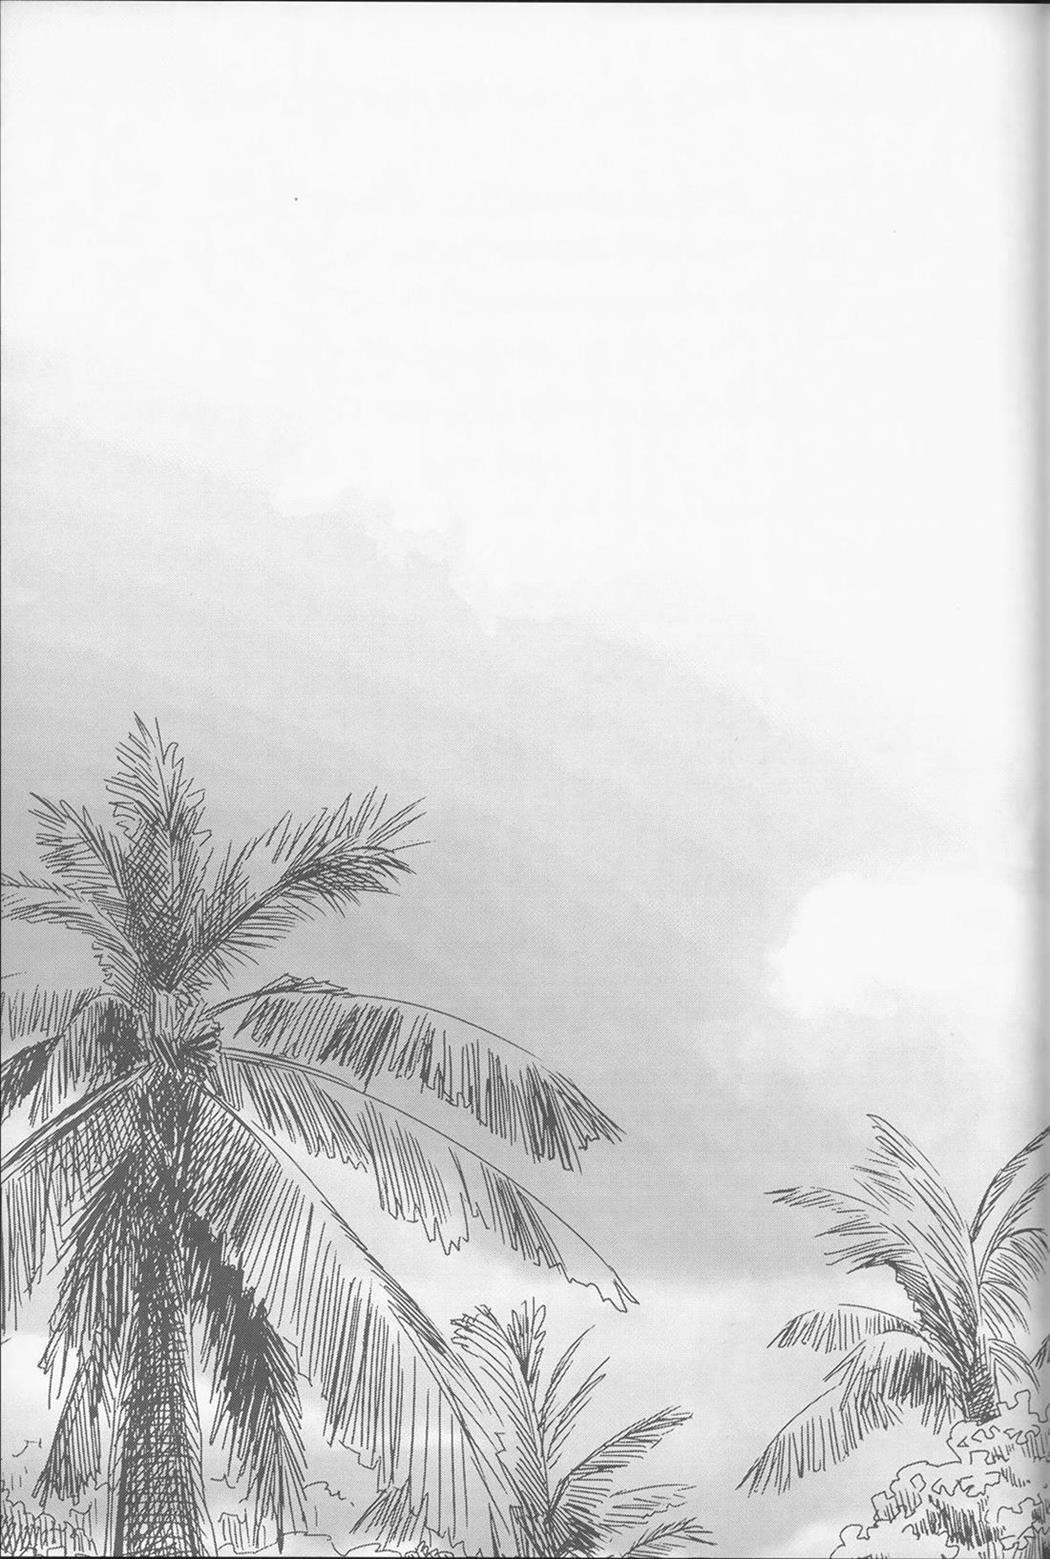 【エロ漫画・エロ同人誌】異国で父親に売られて売春する羽目になったロリ少女wひたすらお客とエッチしてる毎日を送ってたら日本人の男に助けられ日本に来てもセックス依存がぬけてないwww (65)